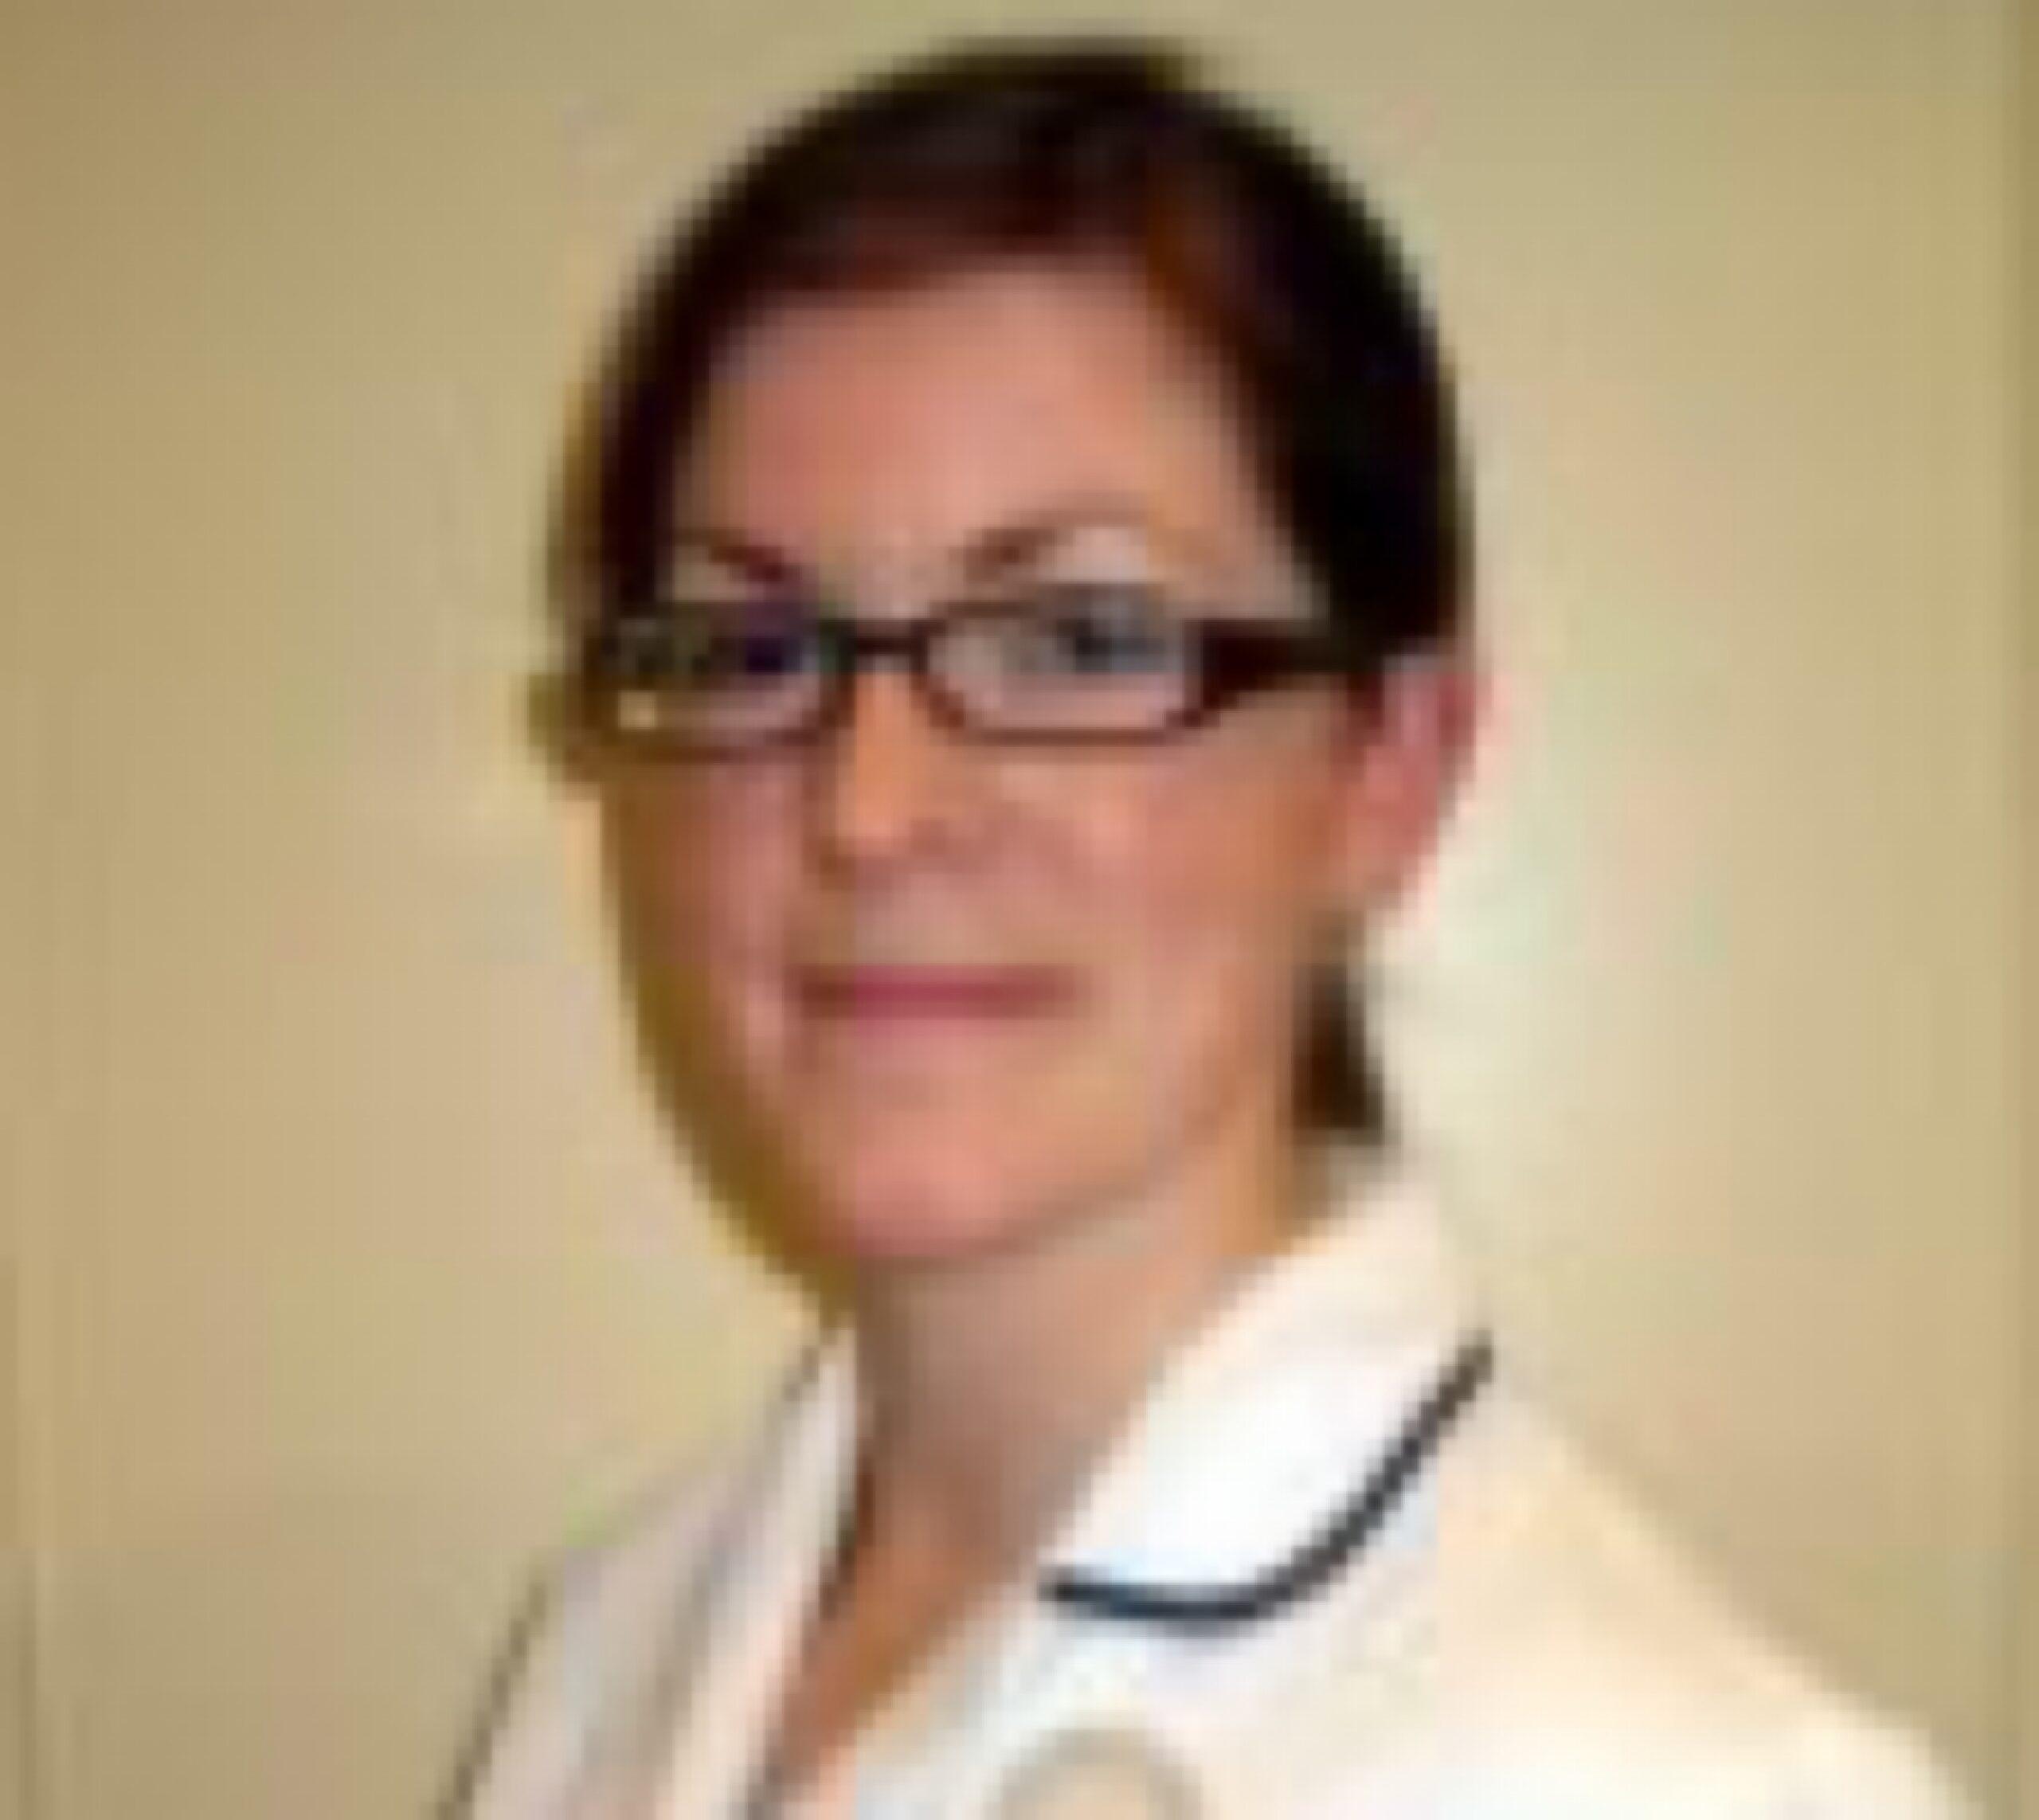 Sarah Golding MCSP MHCPC MBAHT